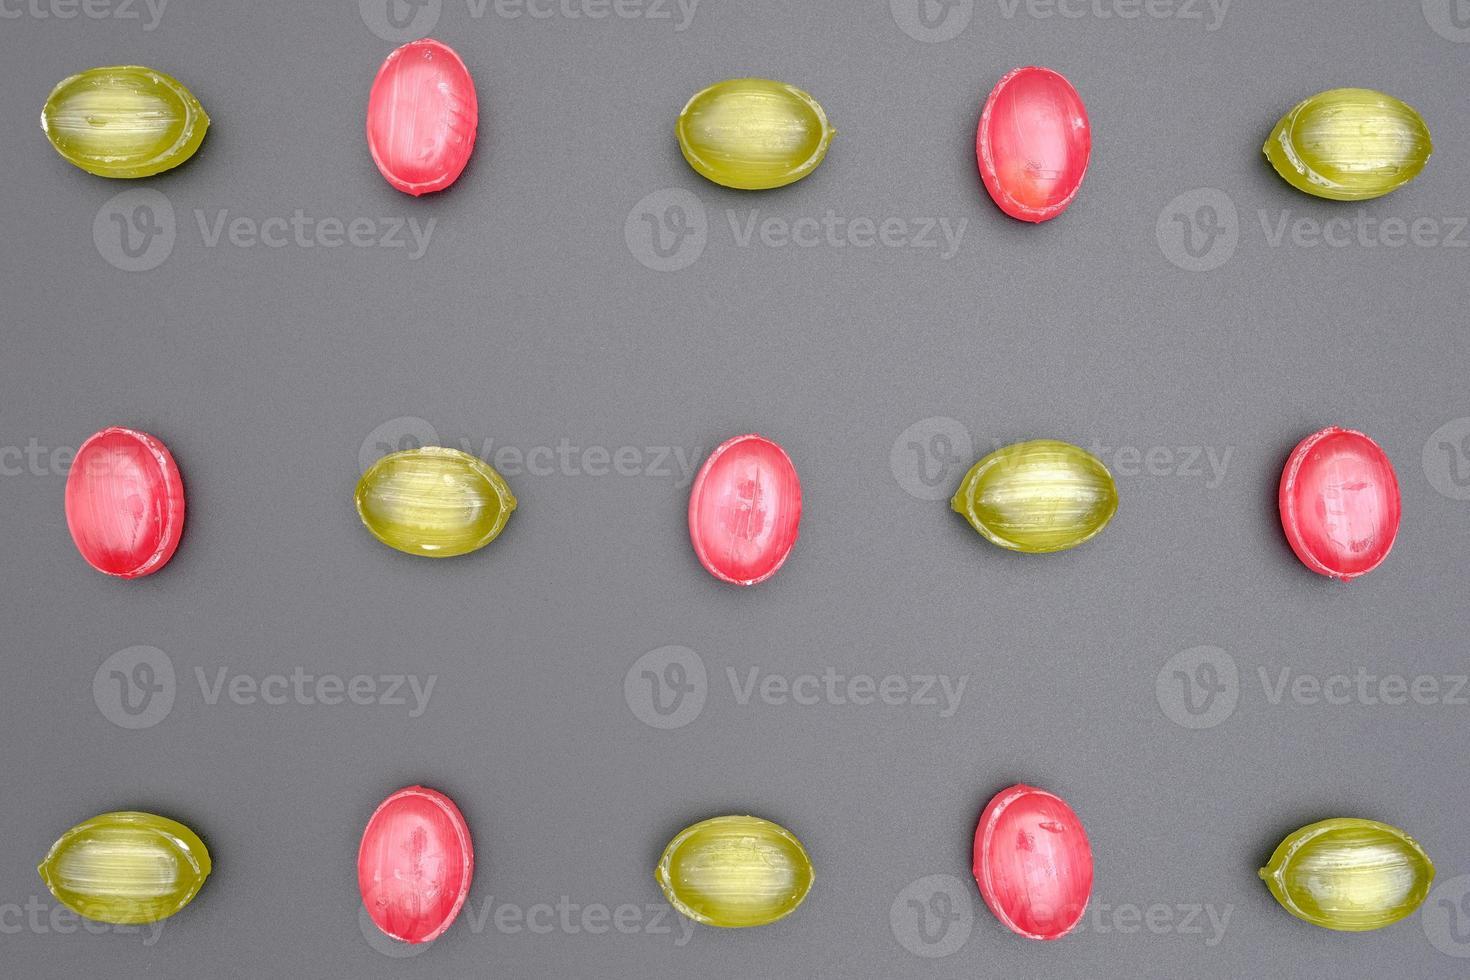 patrón de caramelos de caramelo brillante de forma ovalada roja y verde foto